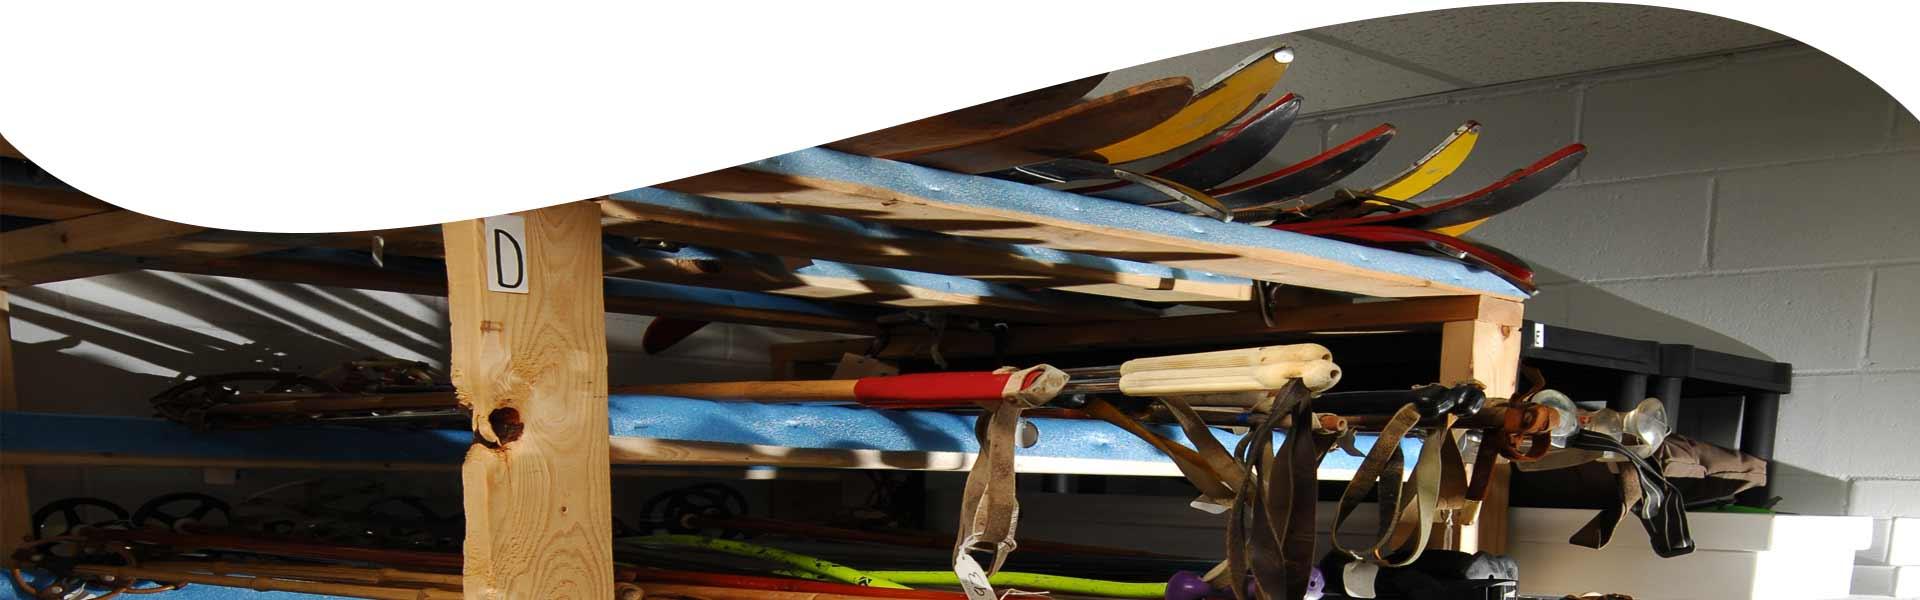 Musée du ski - Don en matériel